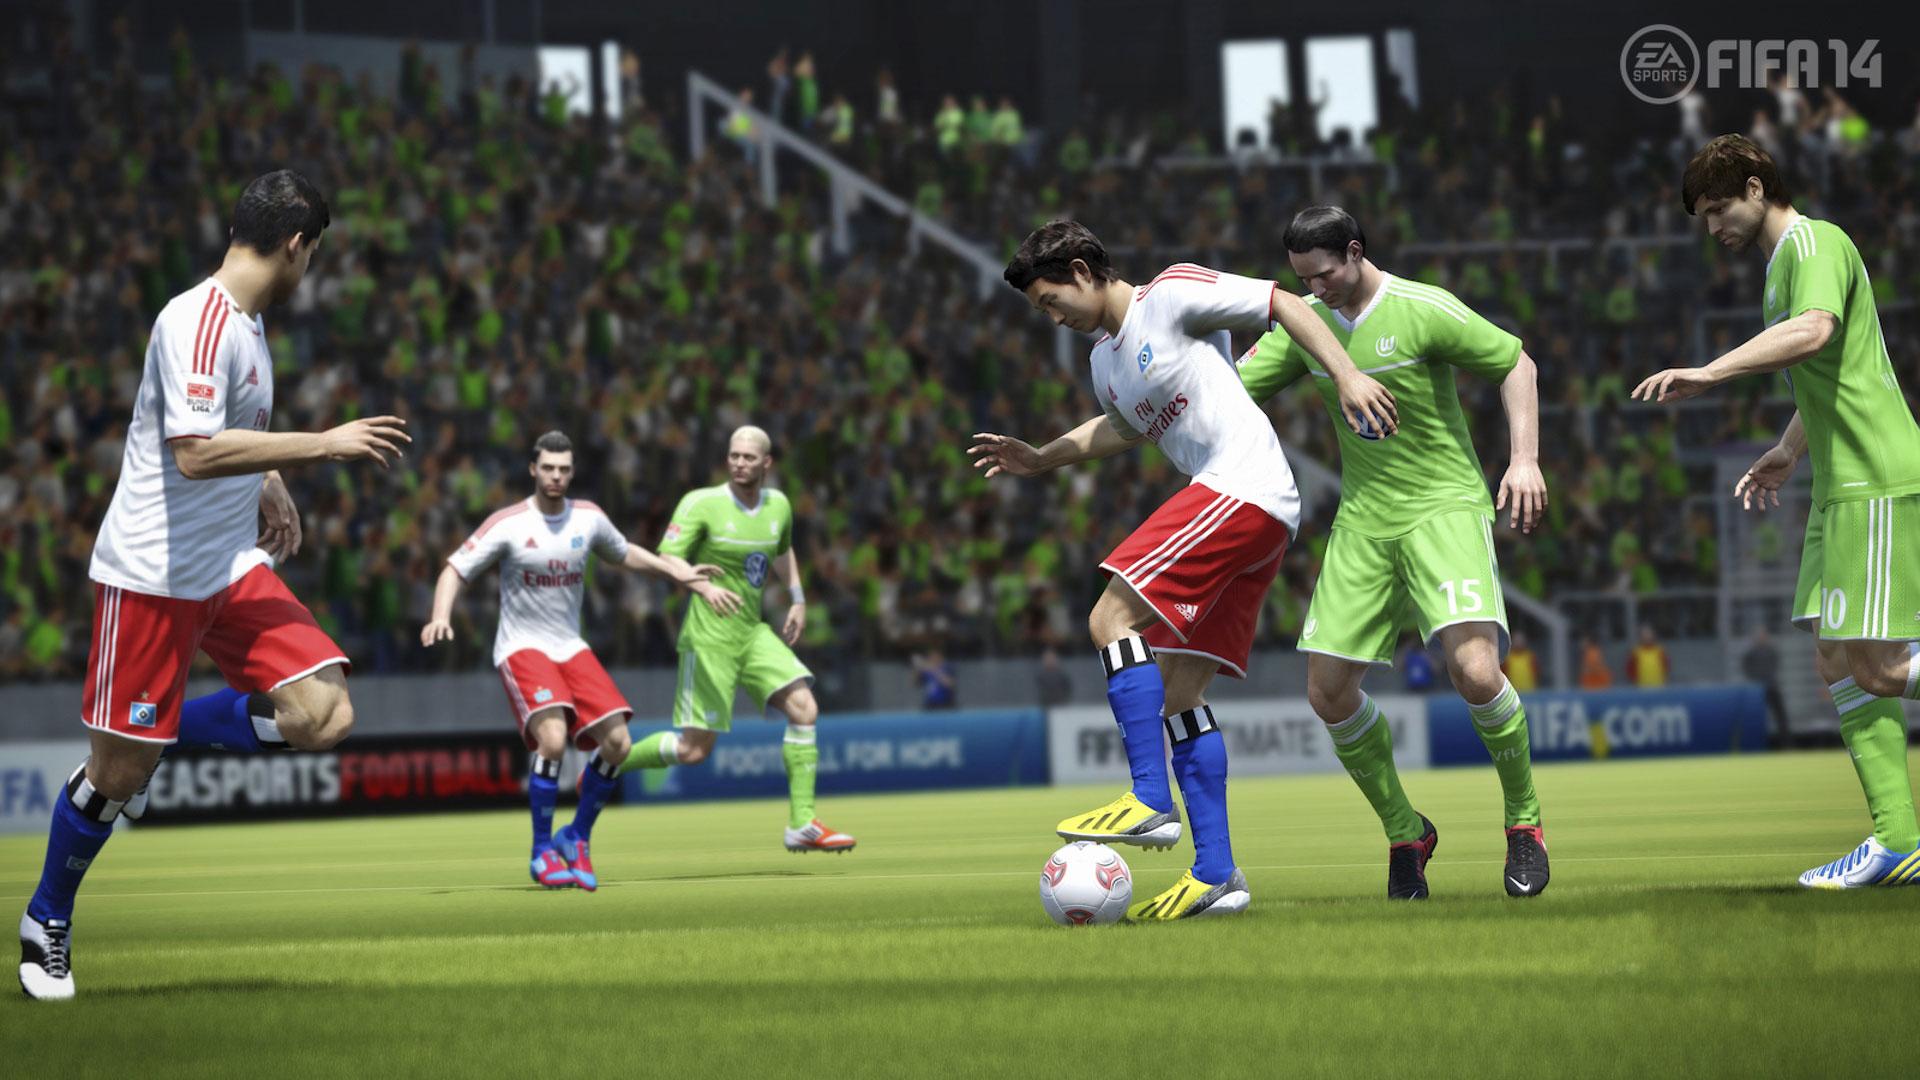 FIFA14高清桌面壁纸发放